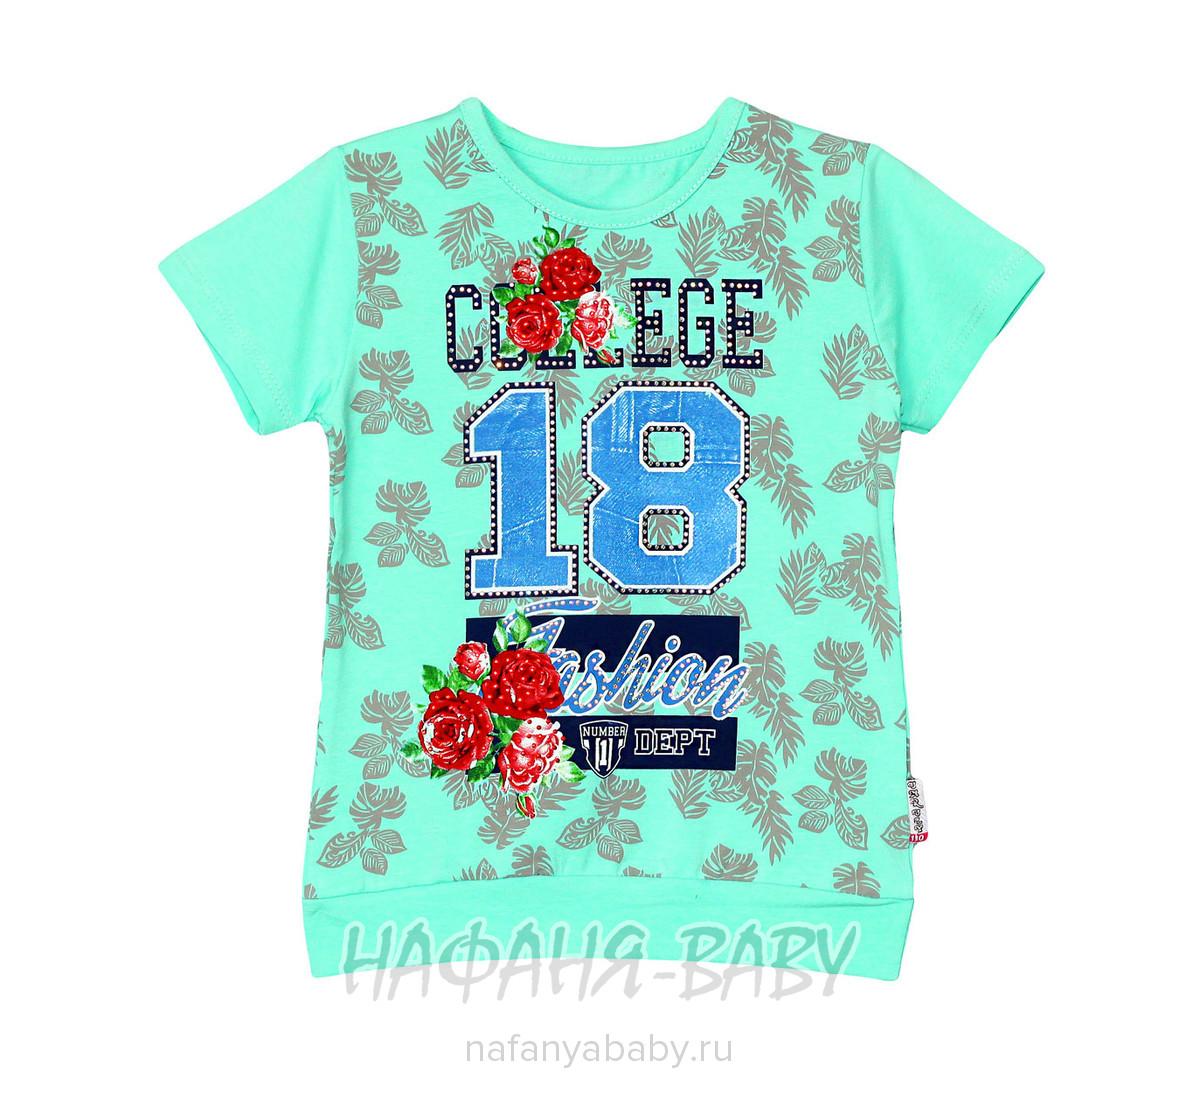 Детская футболка UNRULY арт: 2820, 5-9 лет, оптом Турция